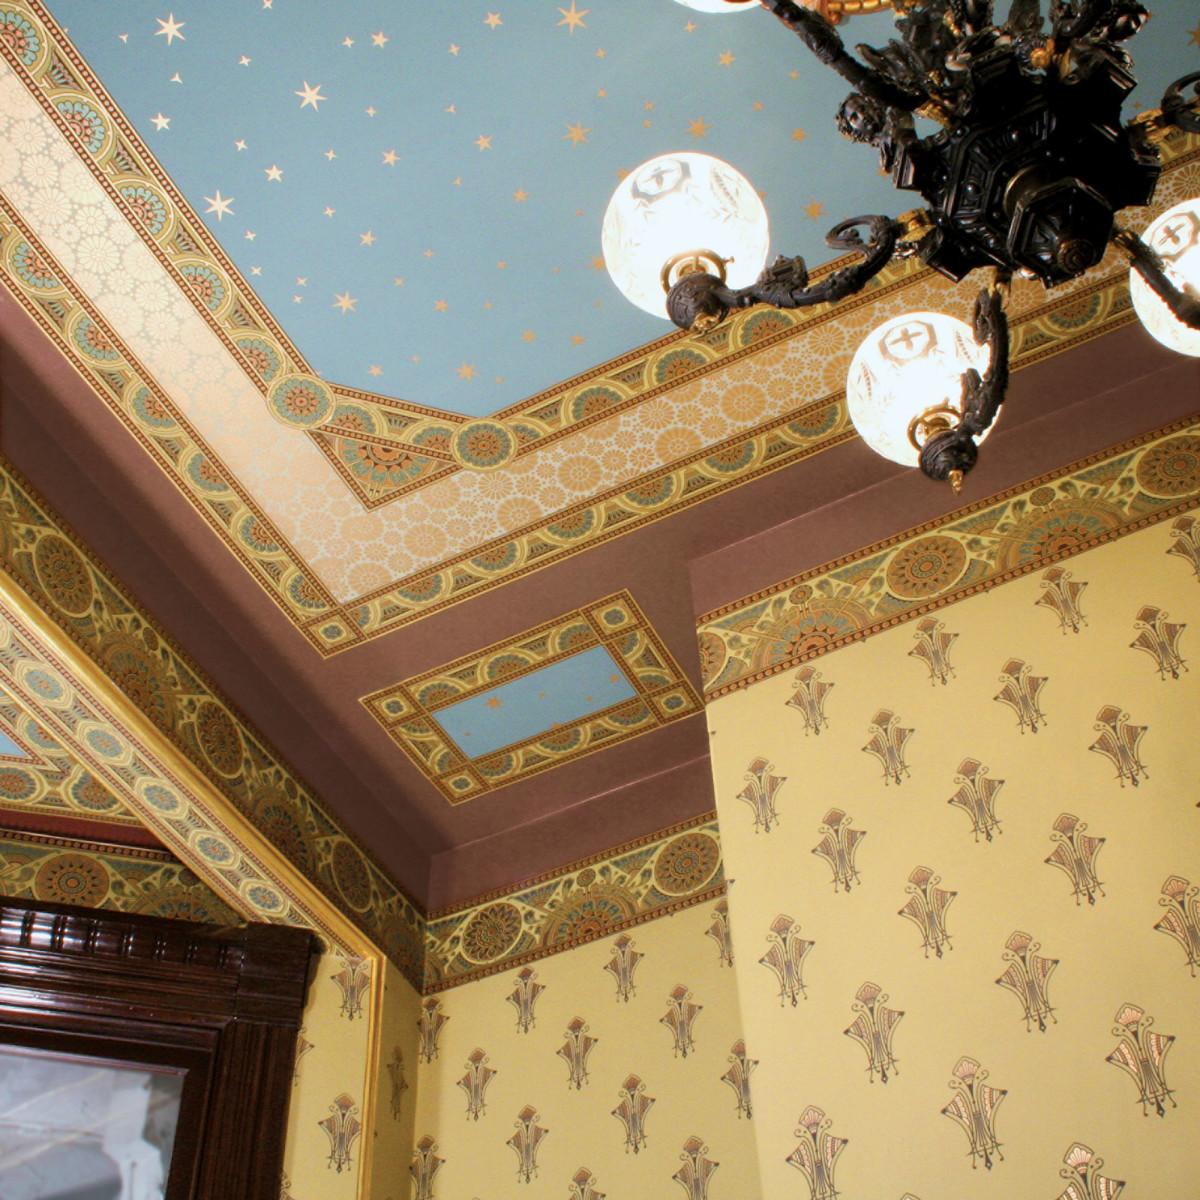 гибель наших как обклеить потолок разными обоями фото цвета